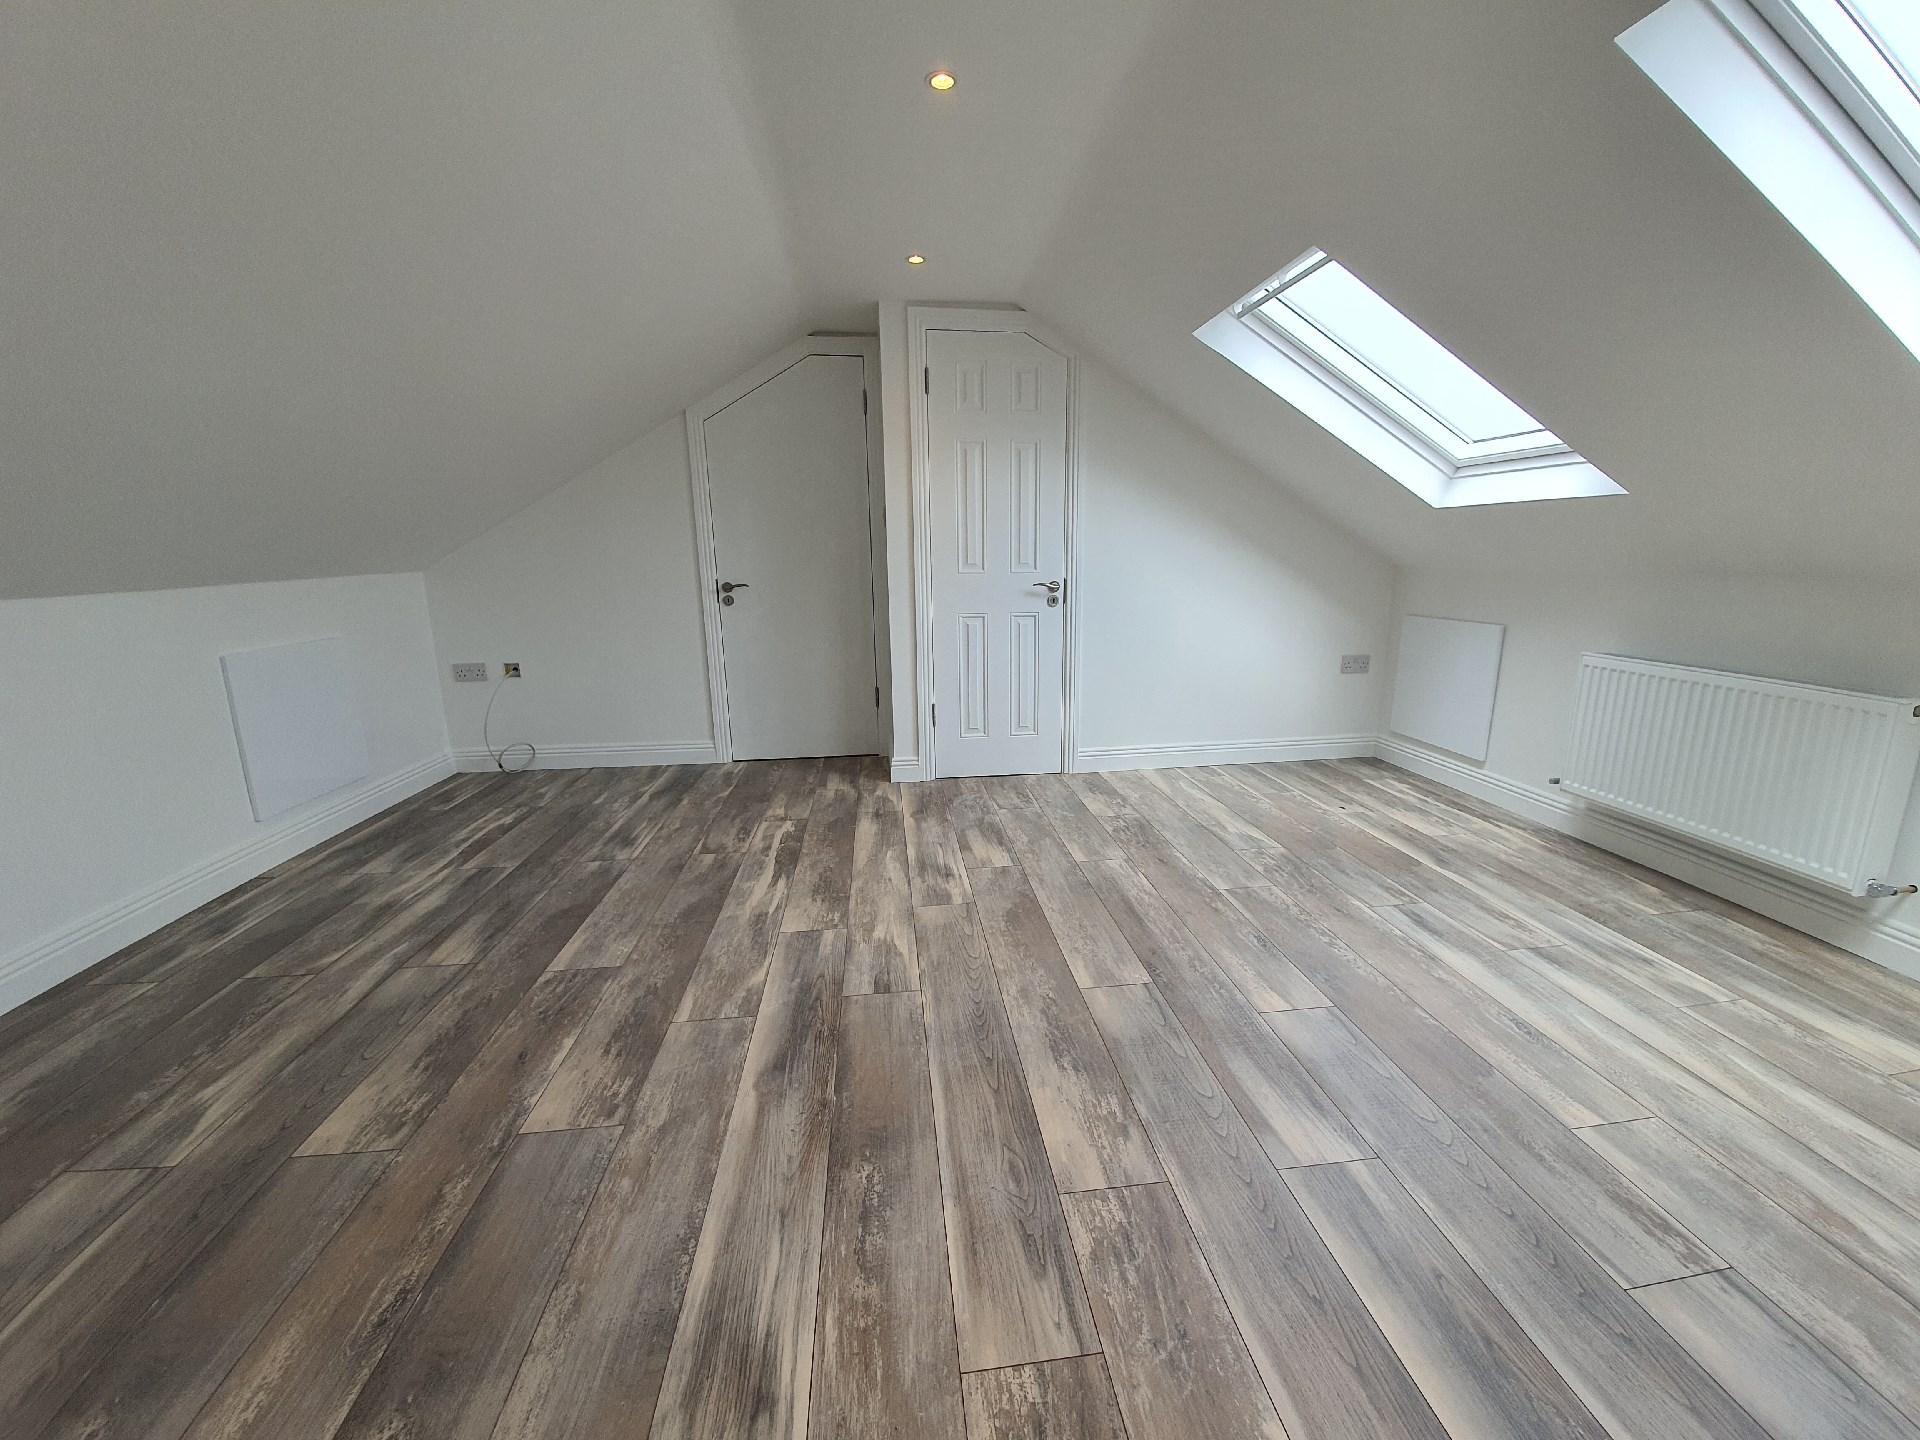 kildare attic